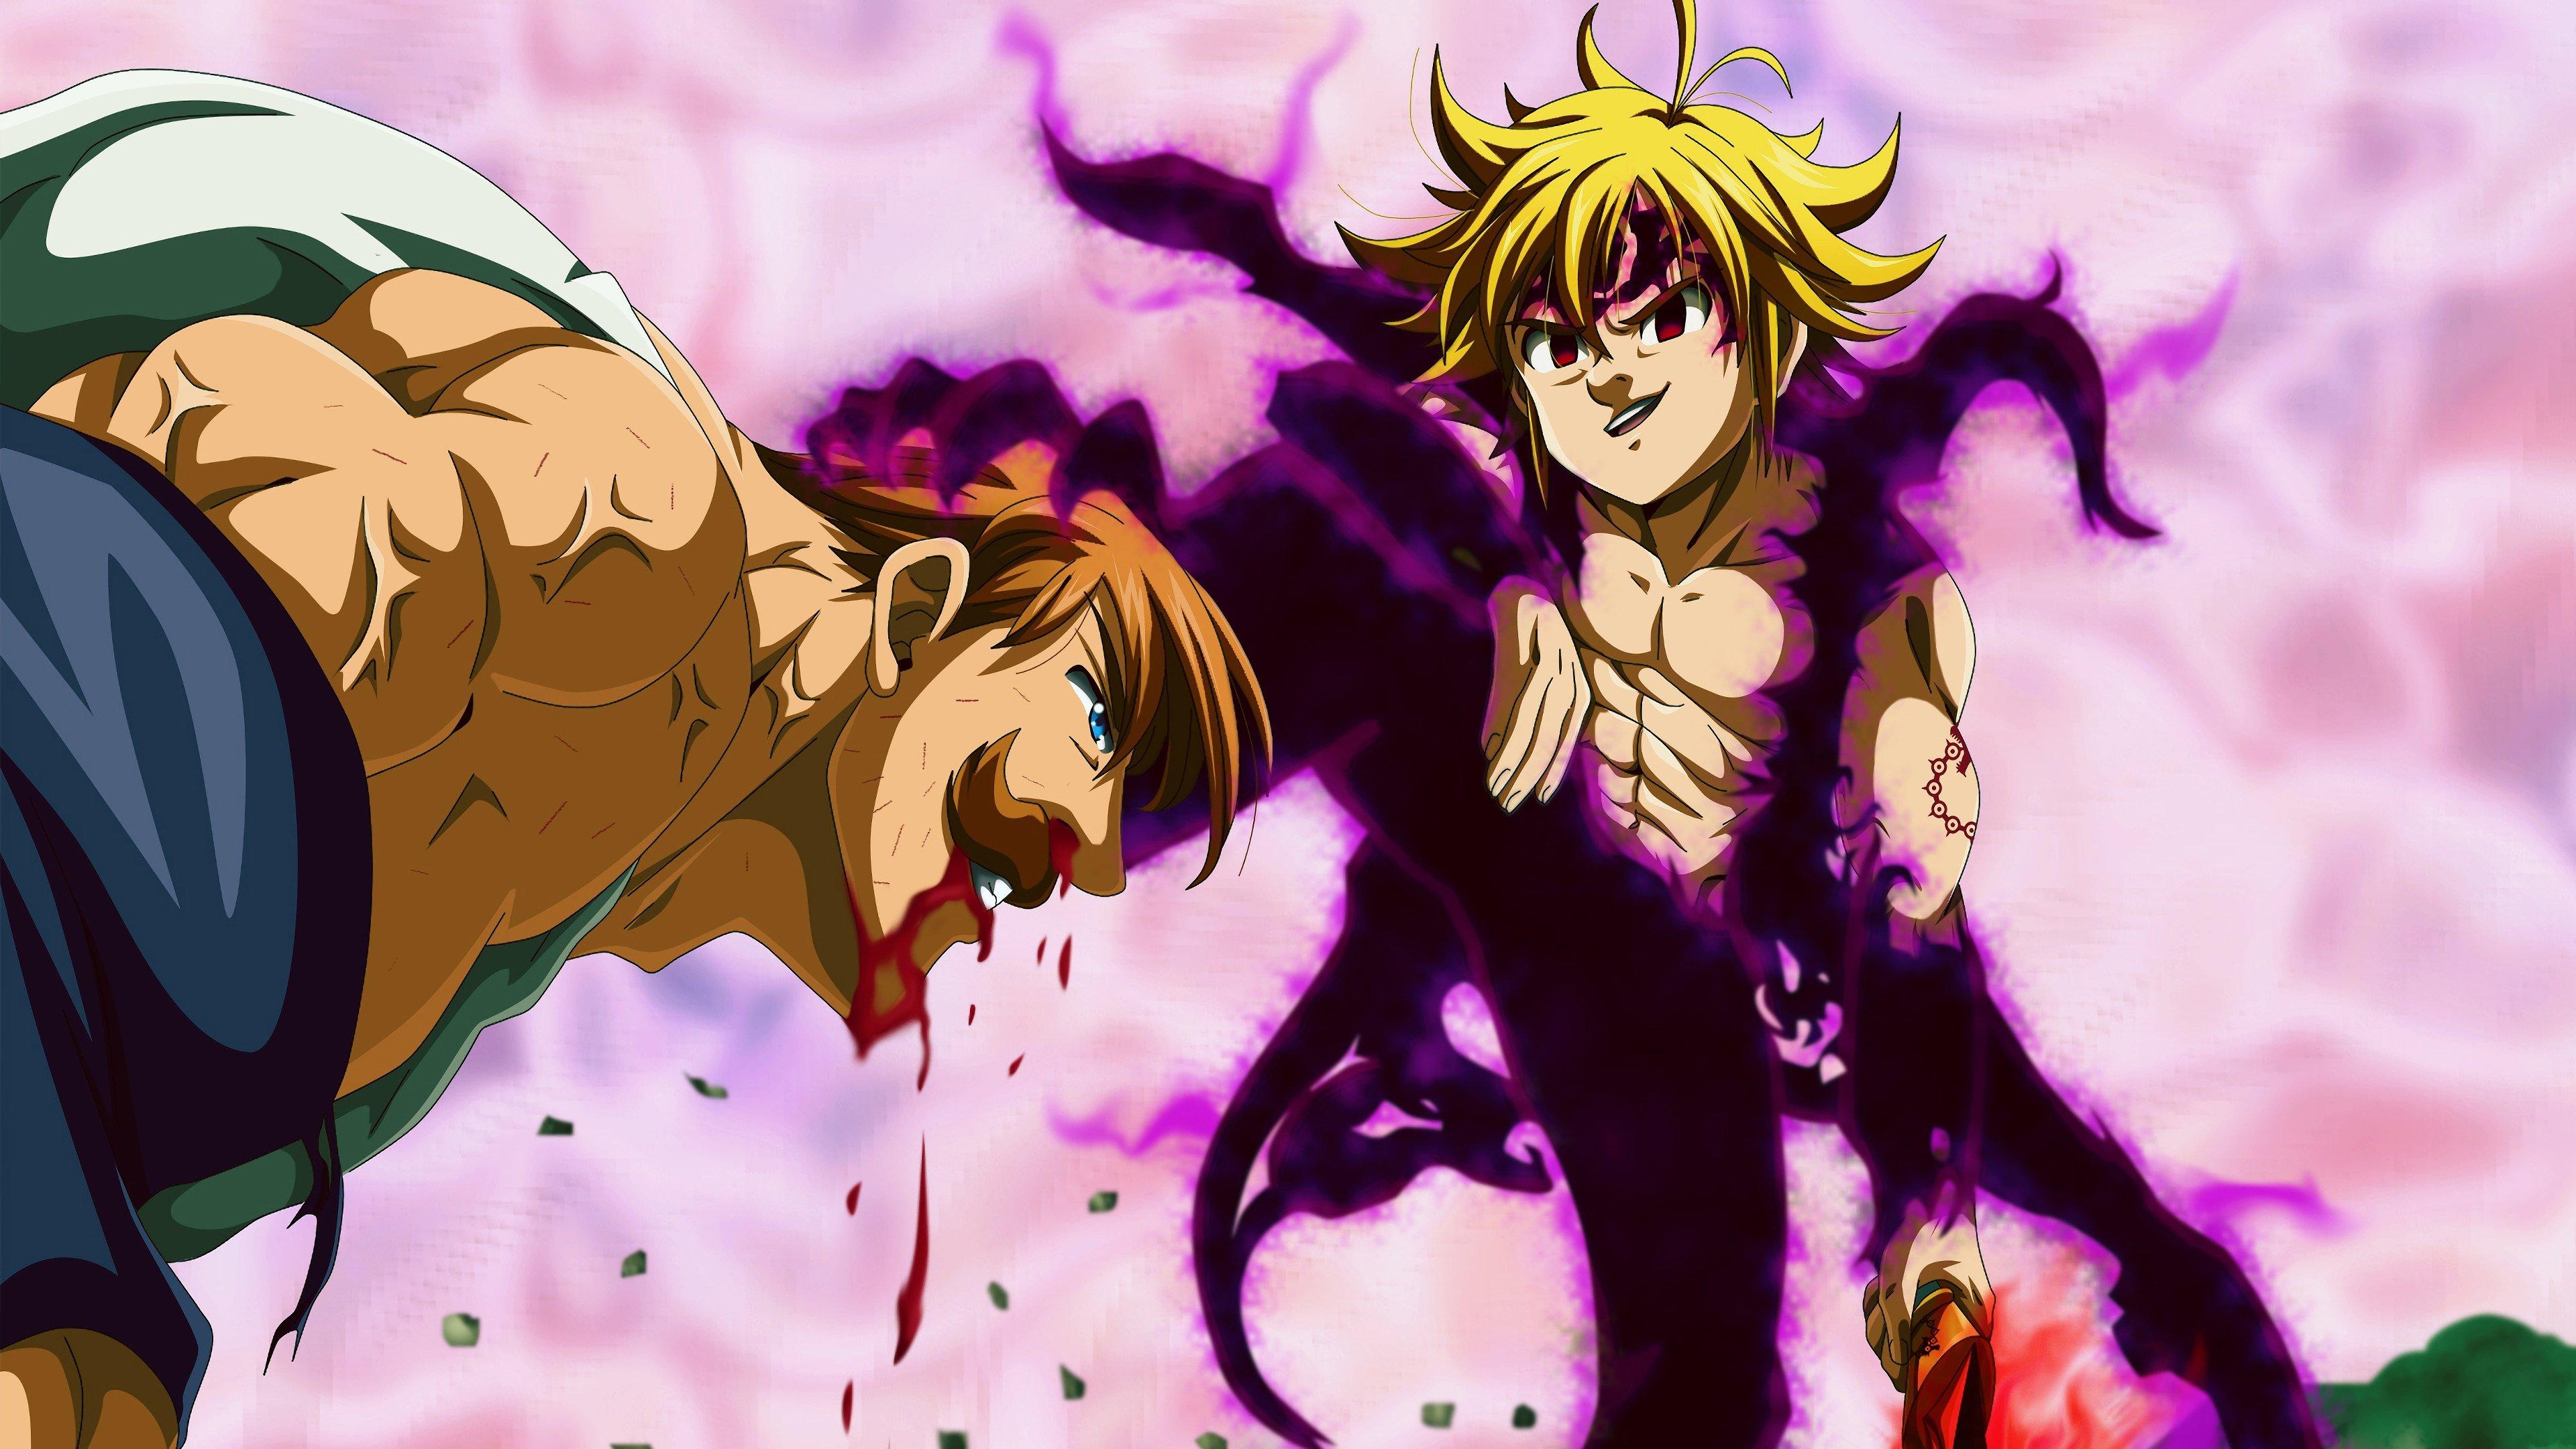 Fondos de pantalla Anime Escena de Los siete pecados capitales